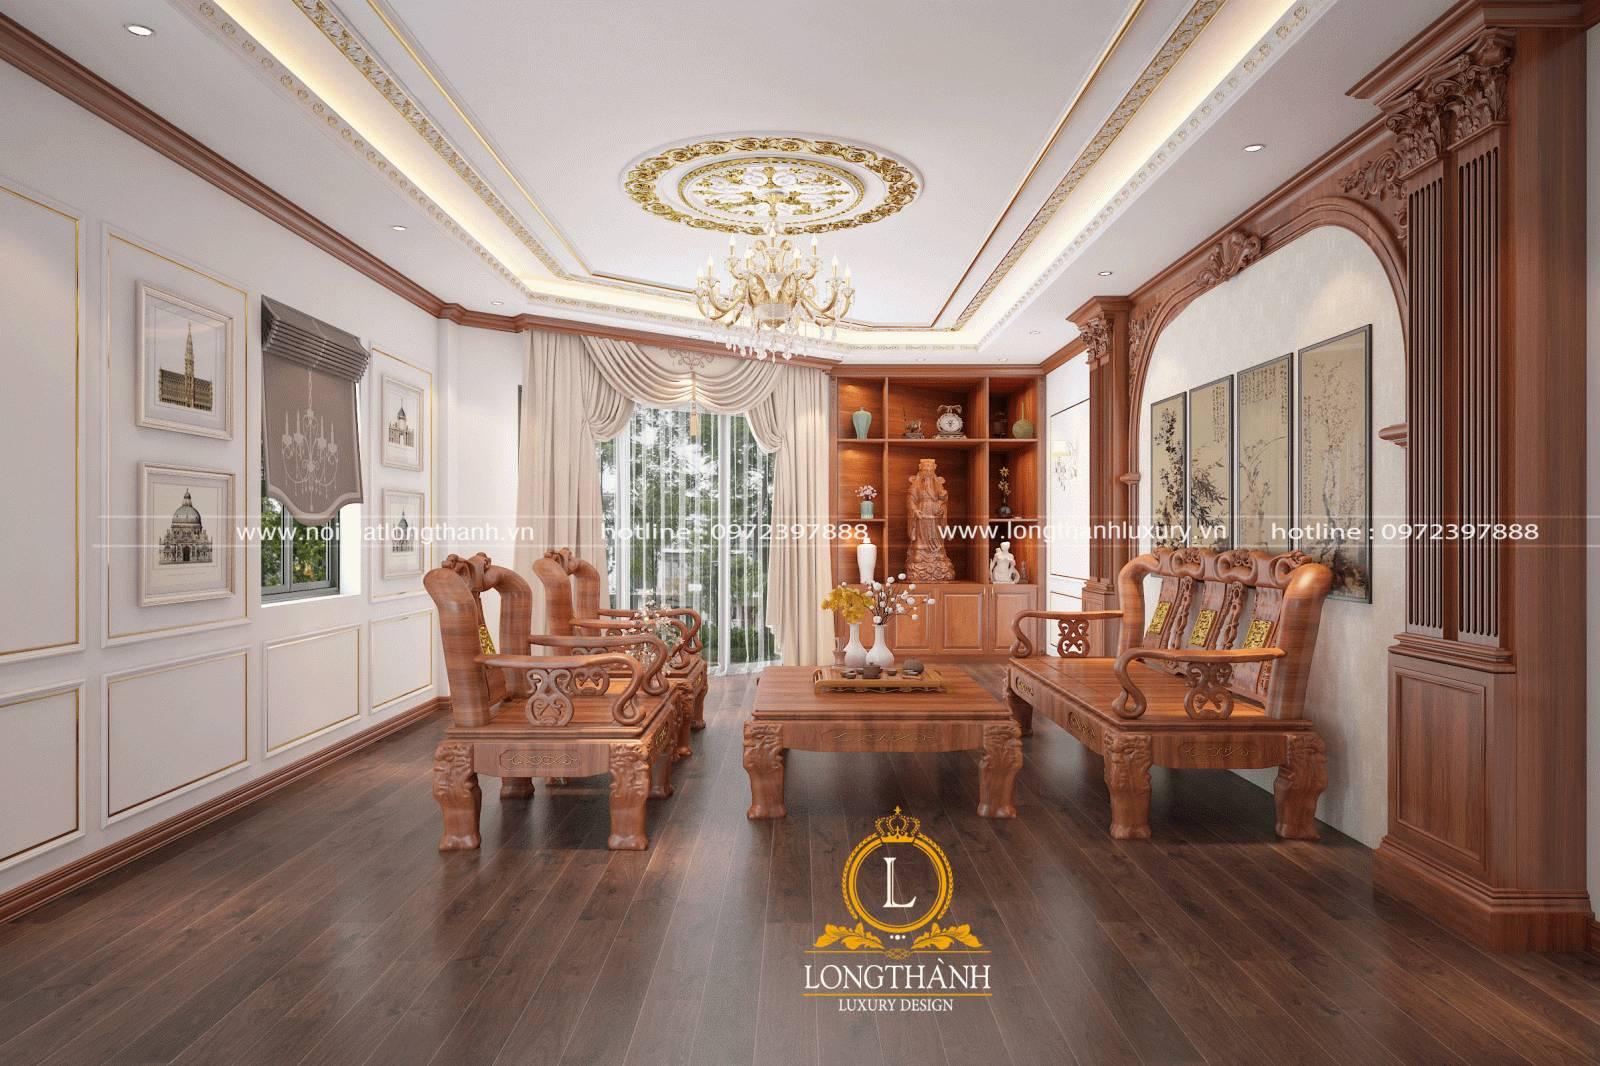 Bố cục bố trí tranh treo phòng khách đối xứng và đồng đều theo 2 diện tường